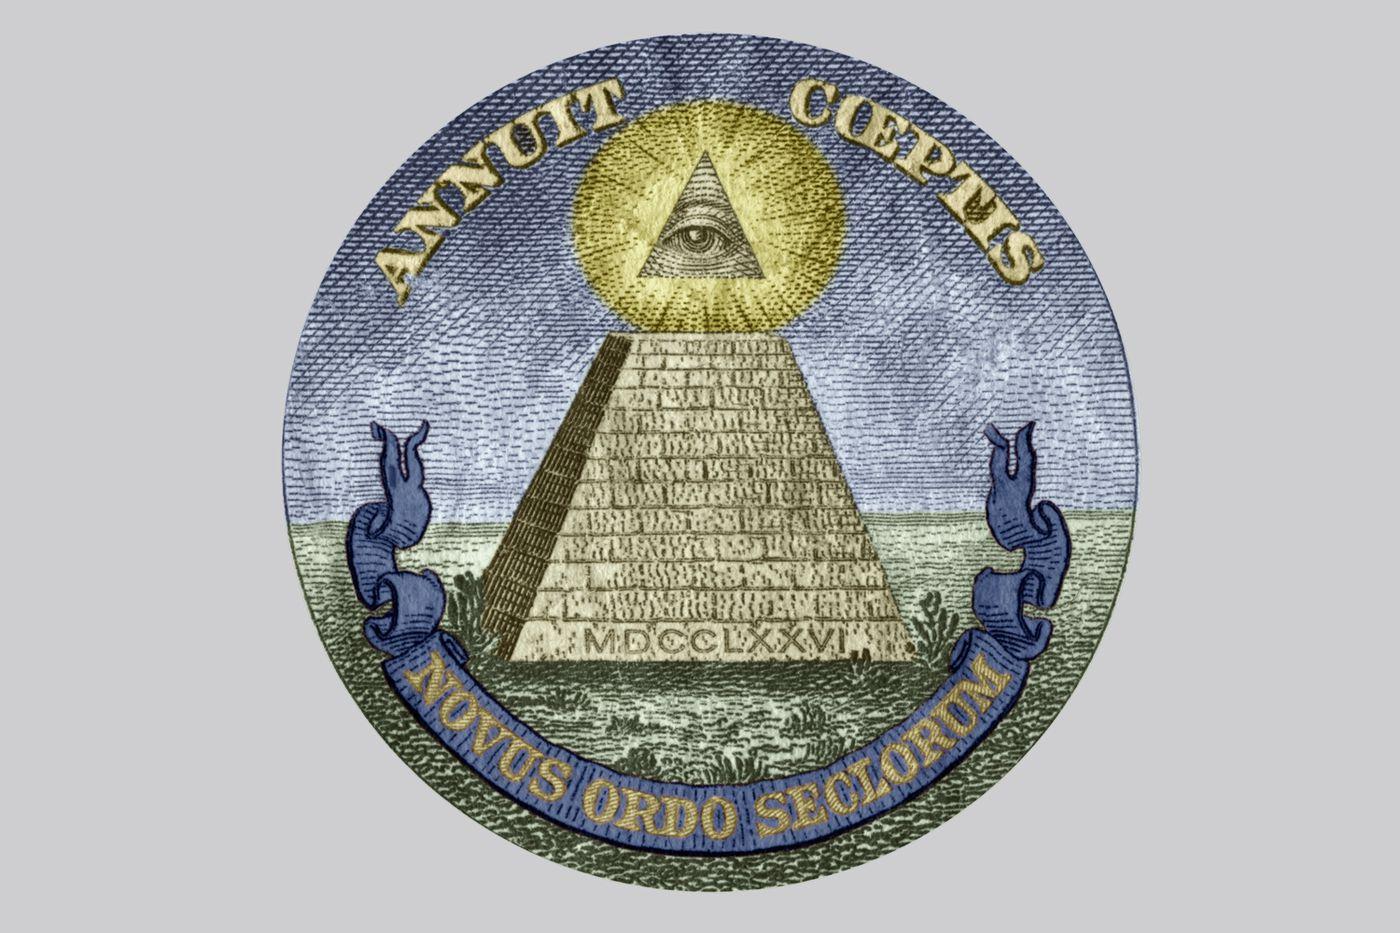 Kim tự tháp khó hiểu trên đồng đô la ... nhưng nó không phải là về Illuminati. Lưu trữ Hulton / Hình ảnh Getty